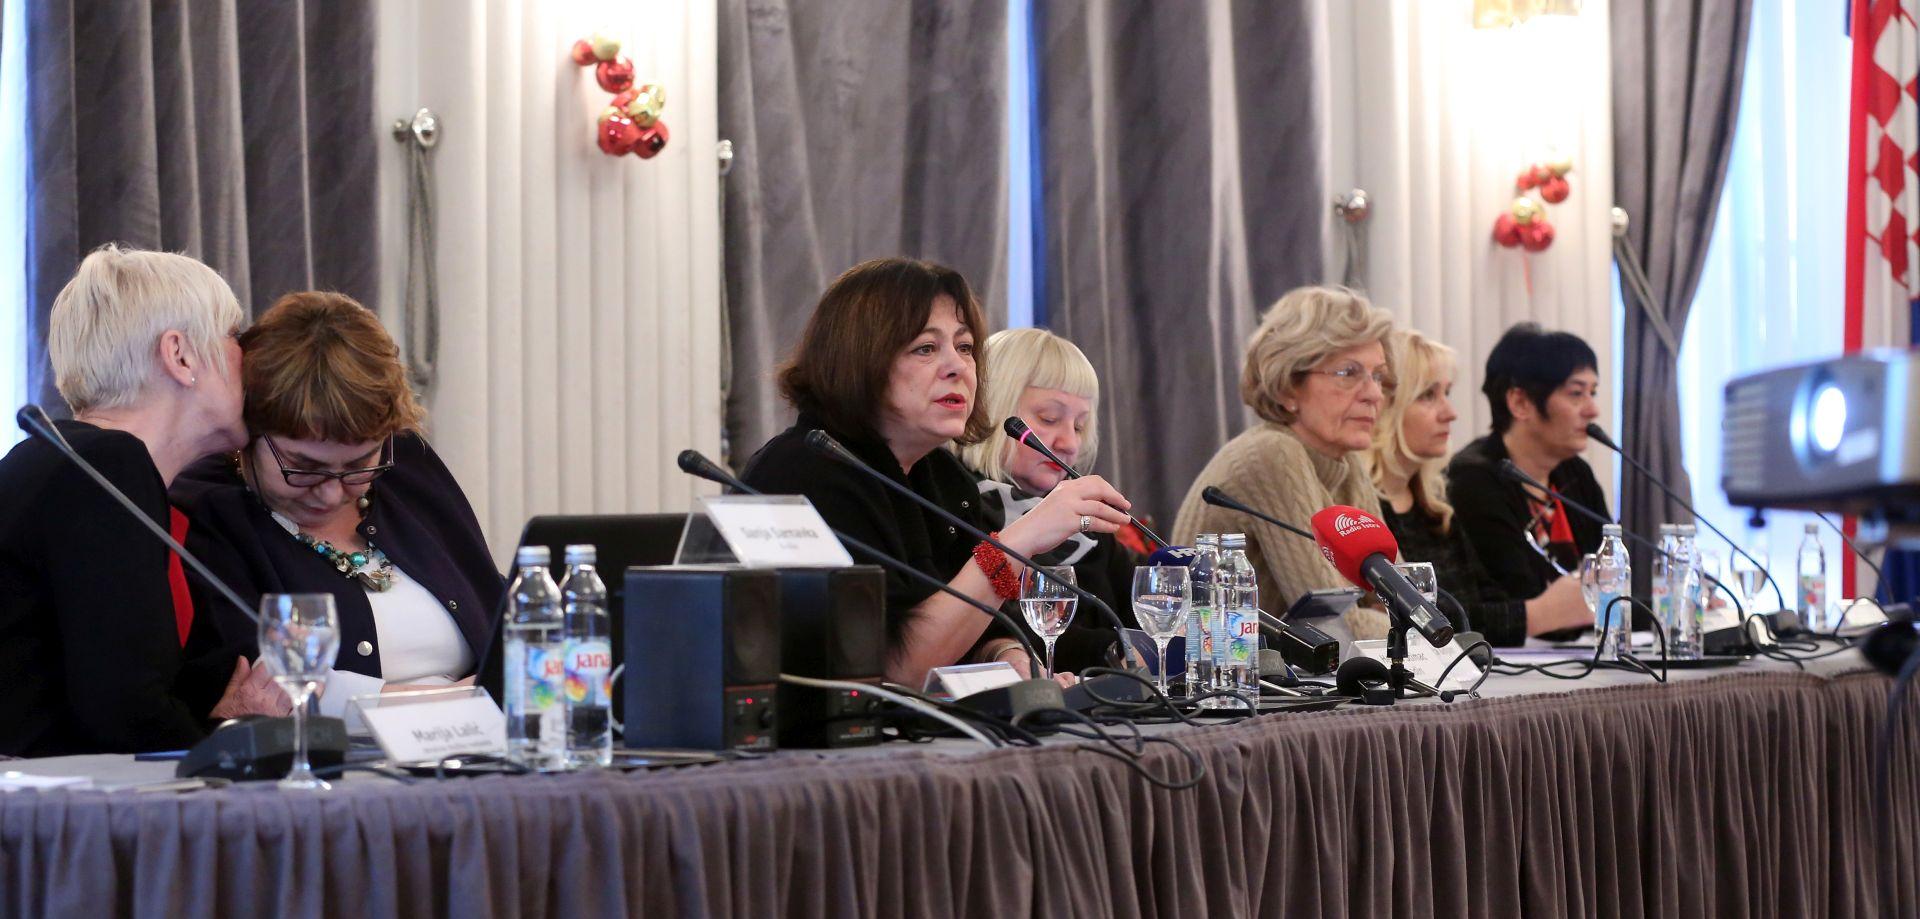 OKRUGLI STOL: Žene u svjetskim medijima zastupljene tek 24 posto